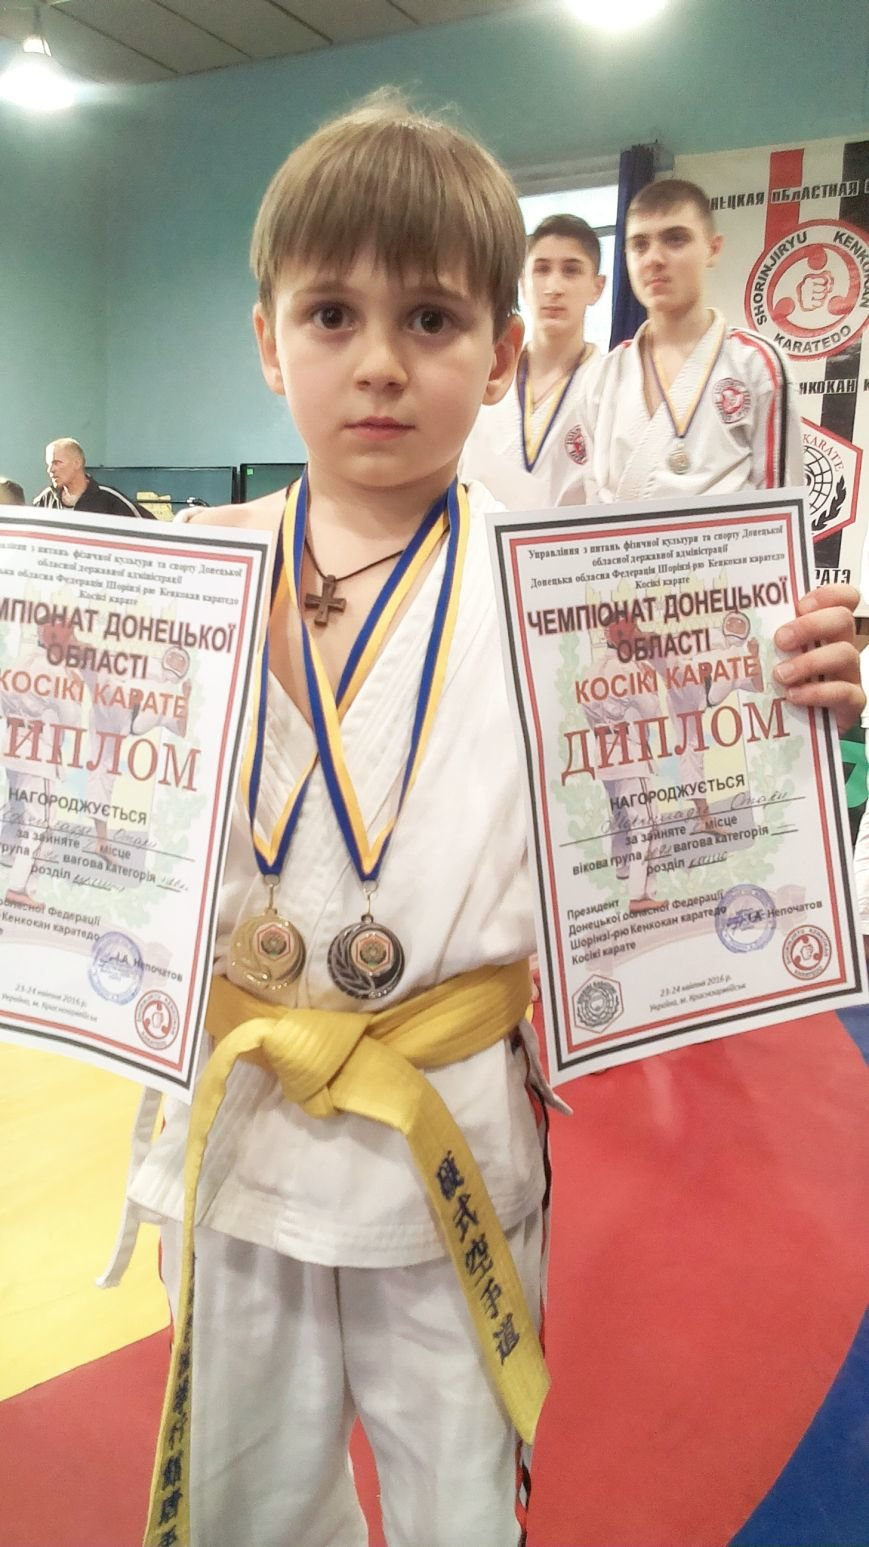 Спортсмены Красноармейска  (Покровска) и Димитрова (Мирнограда) стали лучшими в областном Чемпионате по косики каратэ (фото) - фото 5